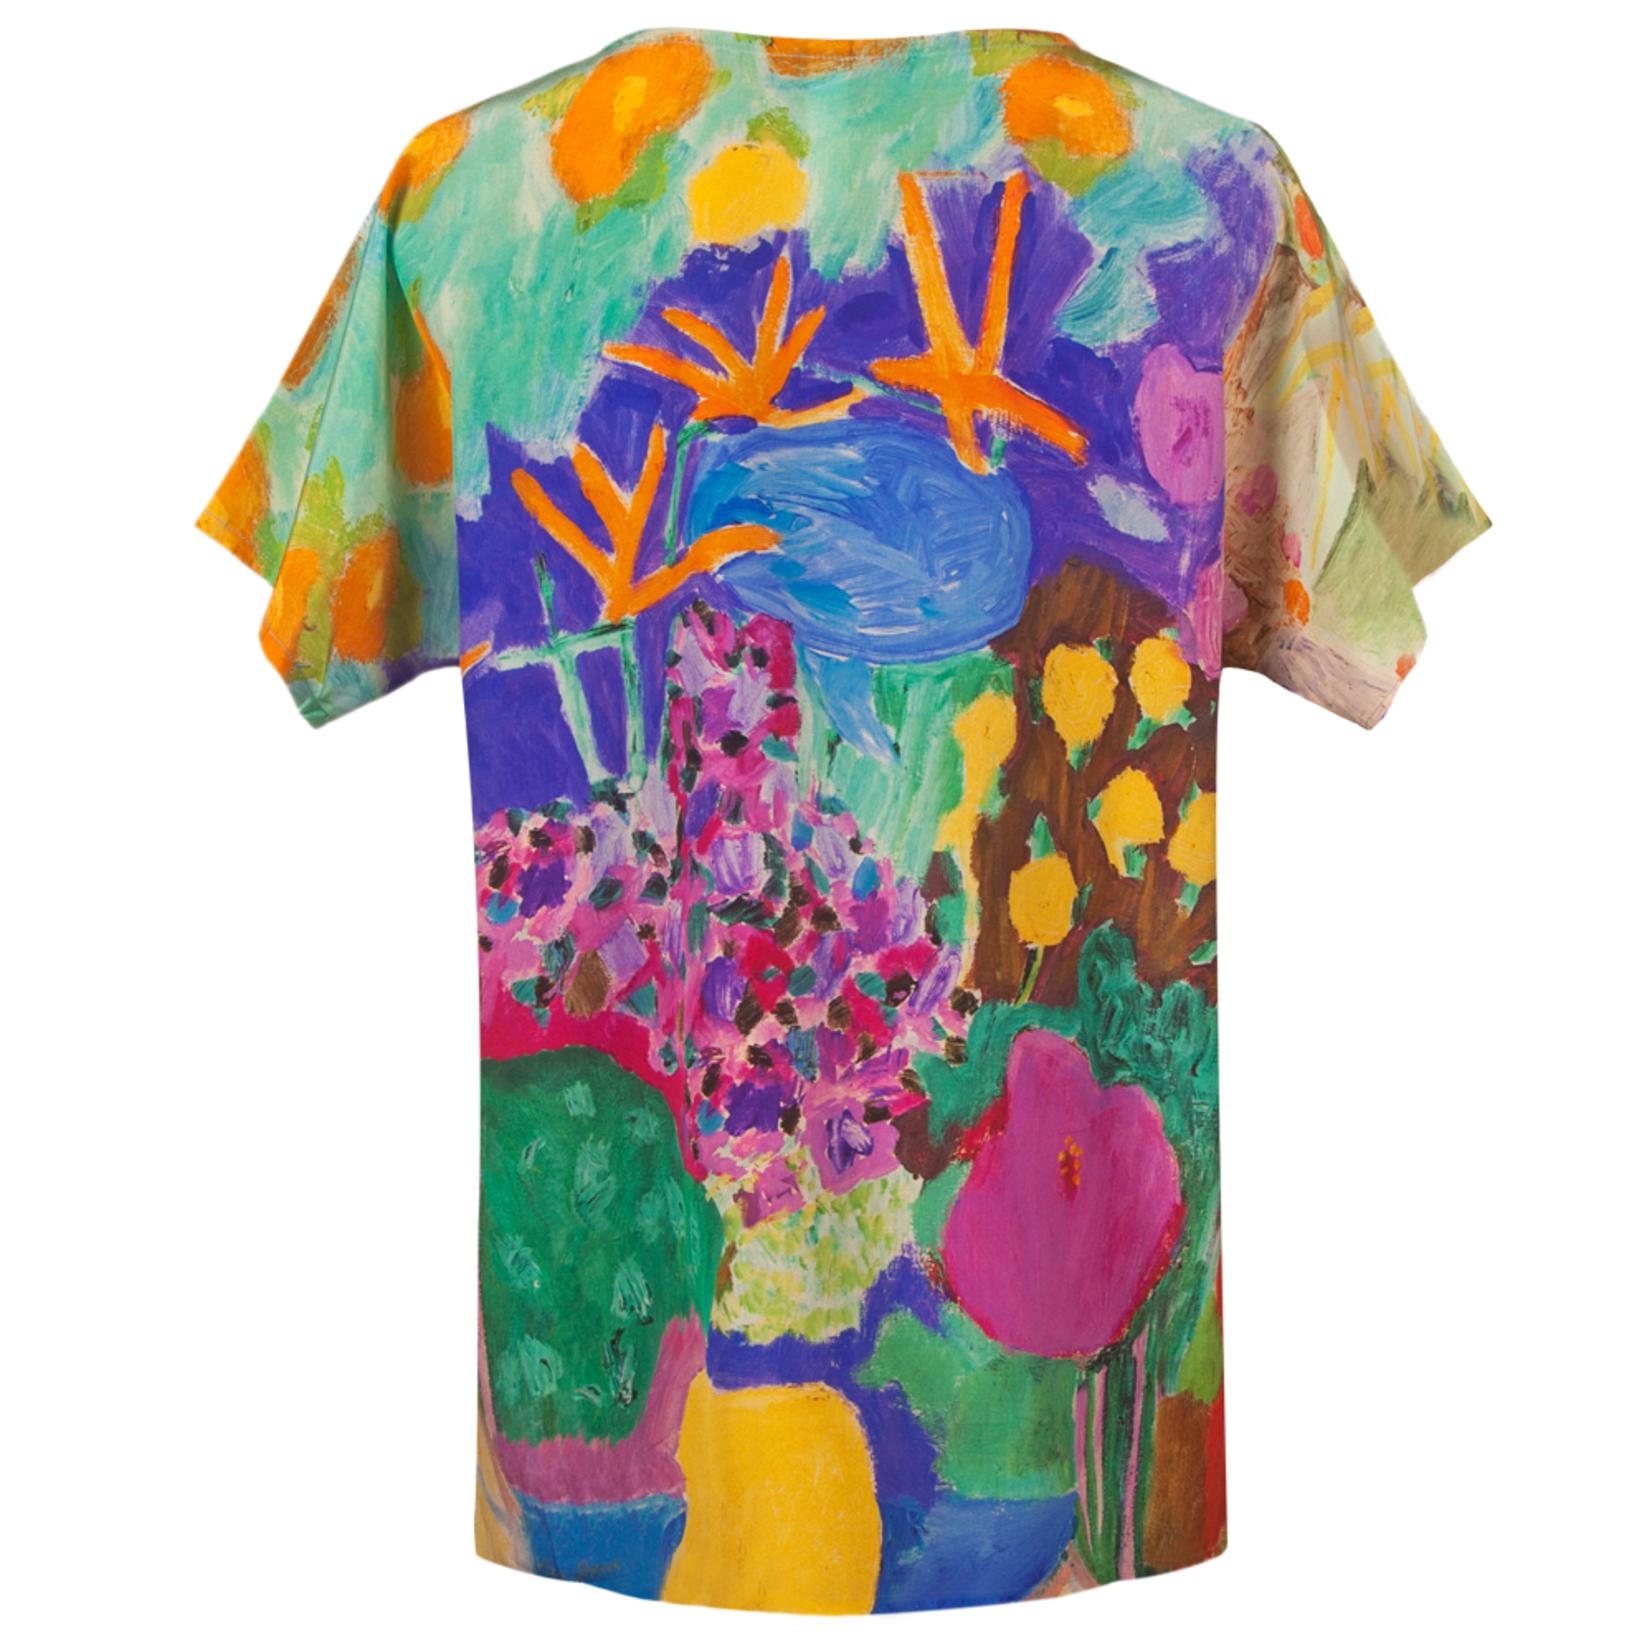 Clothing Art top silk - Hibiscus oranges